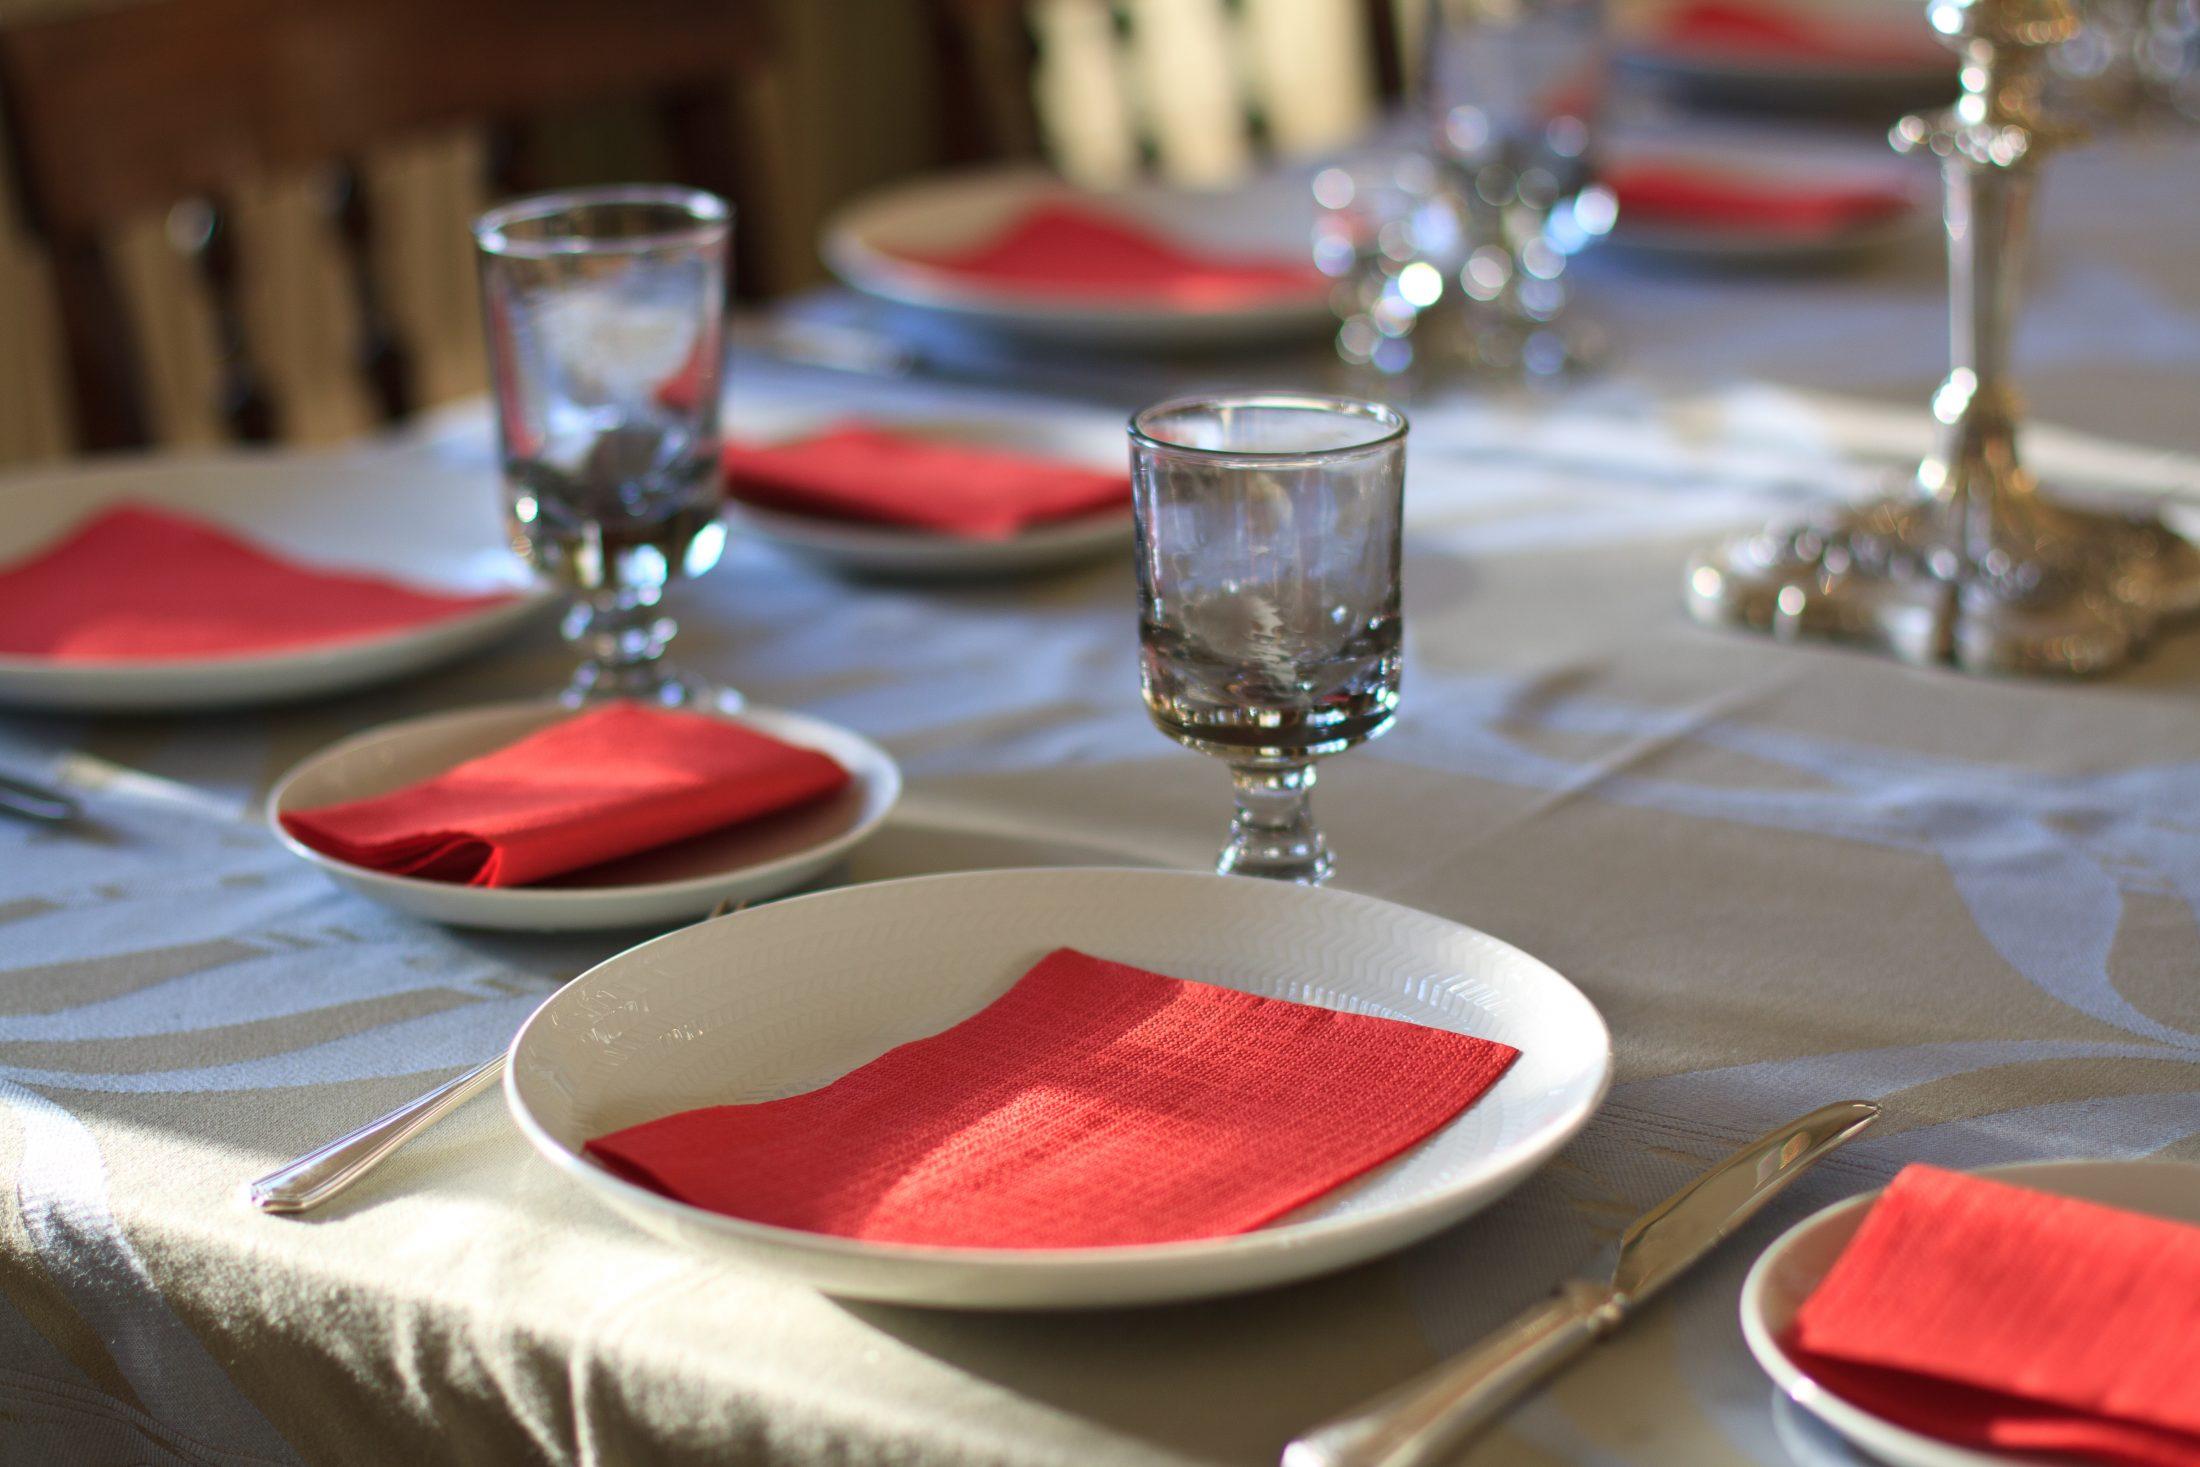 Spis med og gør en forskel som frivillig spiseven på et plejecenter